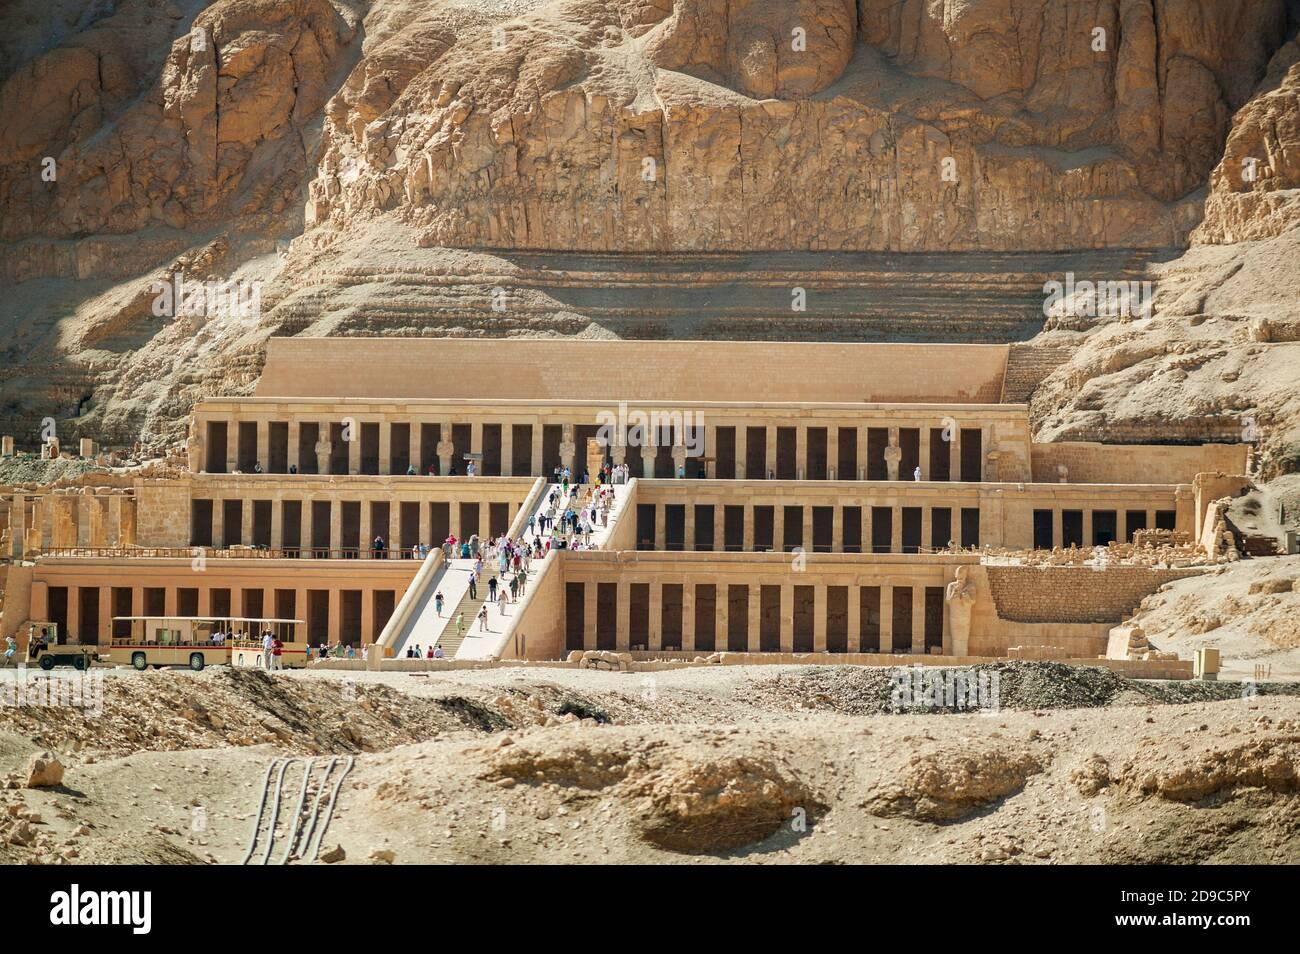 Totentempel der Königin Hatschepsut, Djeser-djeseru bei Deir el-Bahari, nahe Tal der Könige, Oberägypten, Ägypten Stockfoto